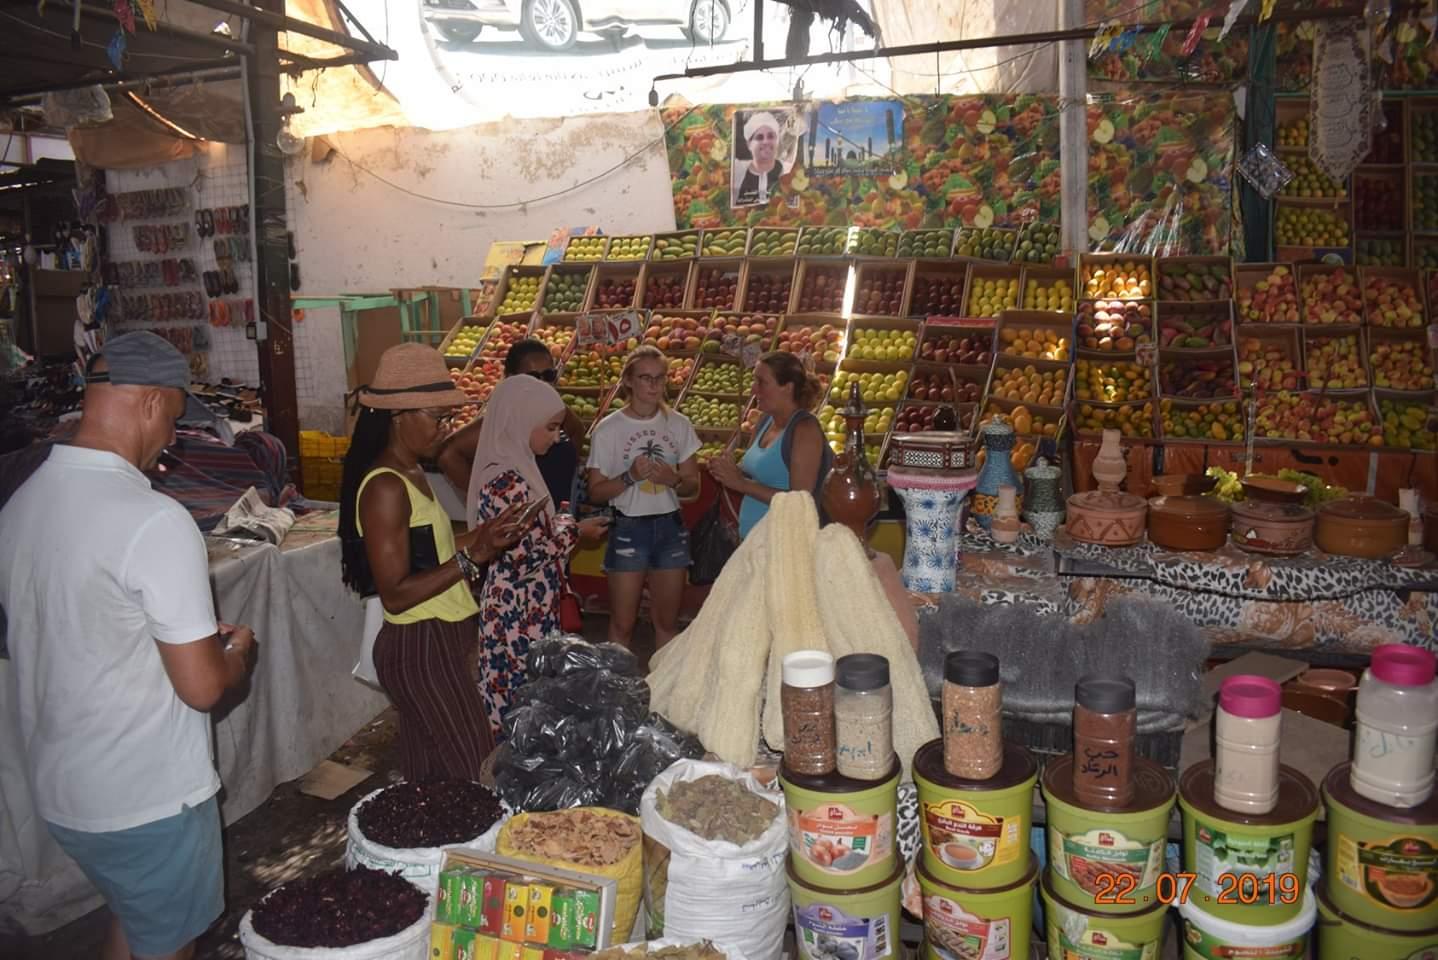 الوفود السياحية تزور سوق الخضار بالغردقة (2)